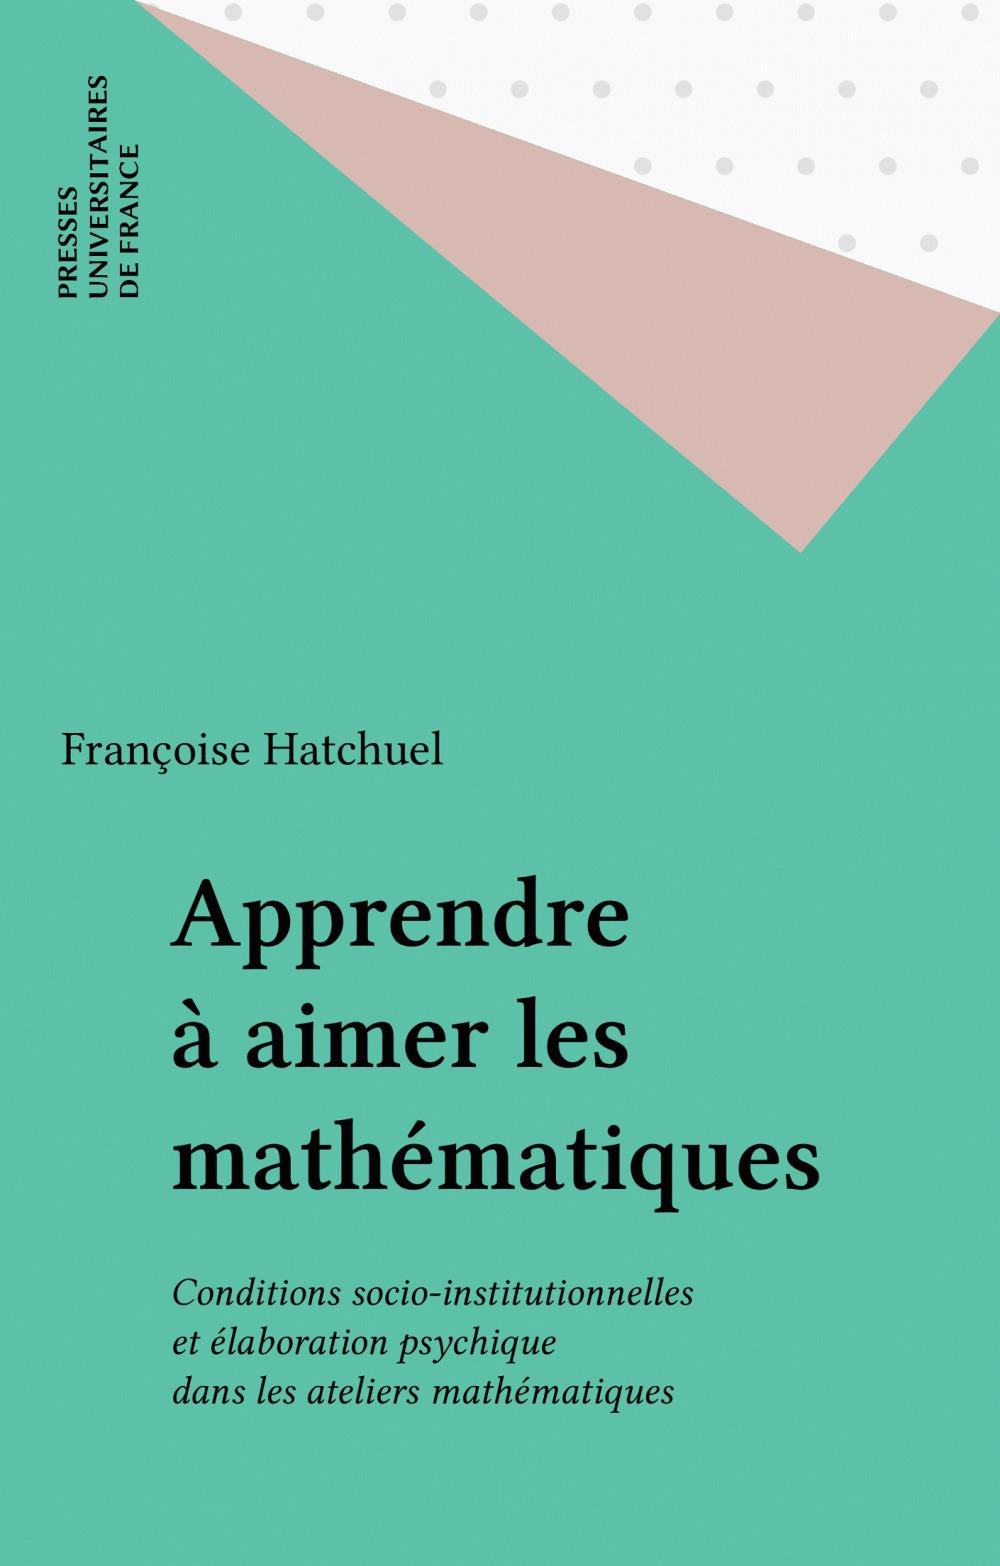 REVUE D'HISTOIRE LITTERAIRE DE LA FRANCE ; apprendre à aimer les mathématiques